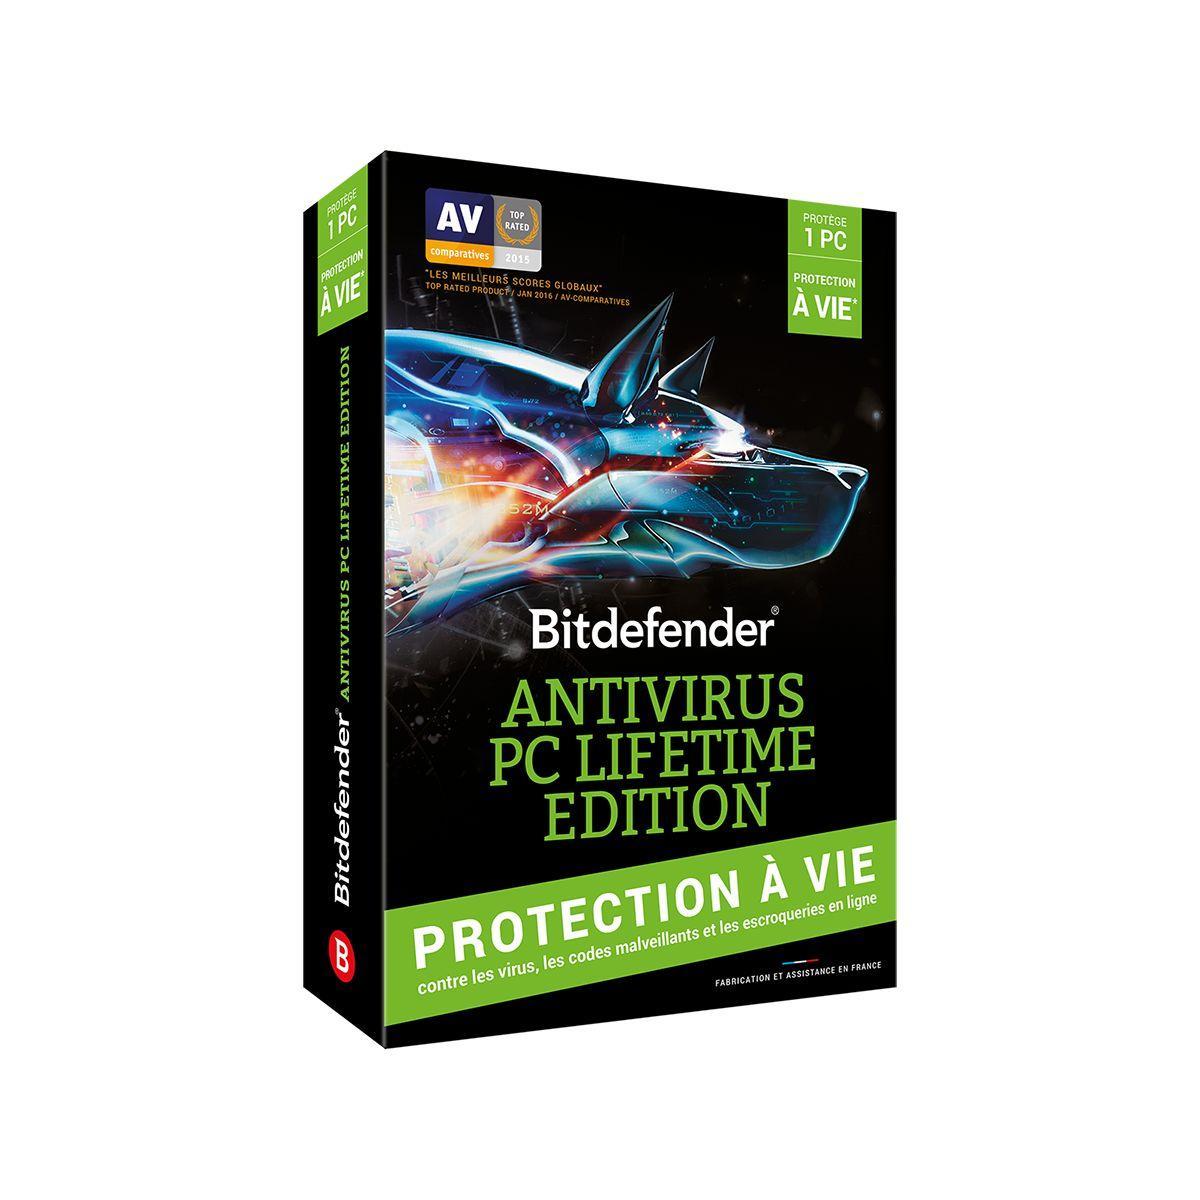 Logiciel pc bitdefender antivirus lifetime ed - 7% de remise immédiate avec le code : cash7 (photo)